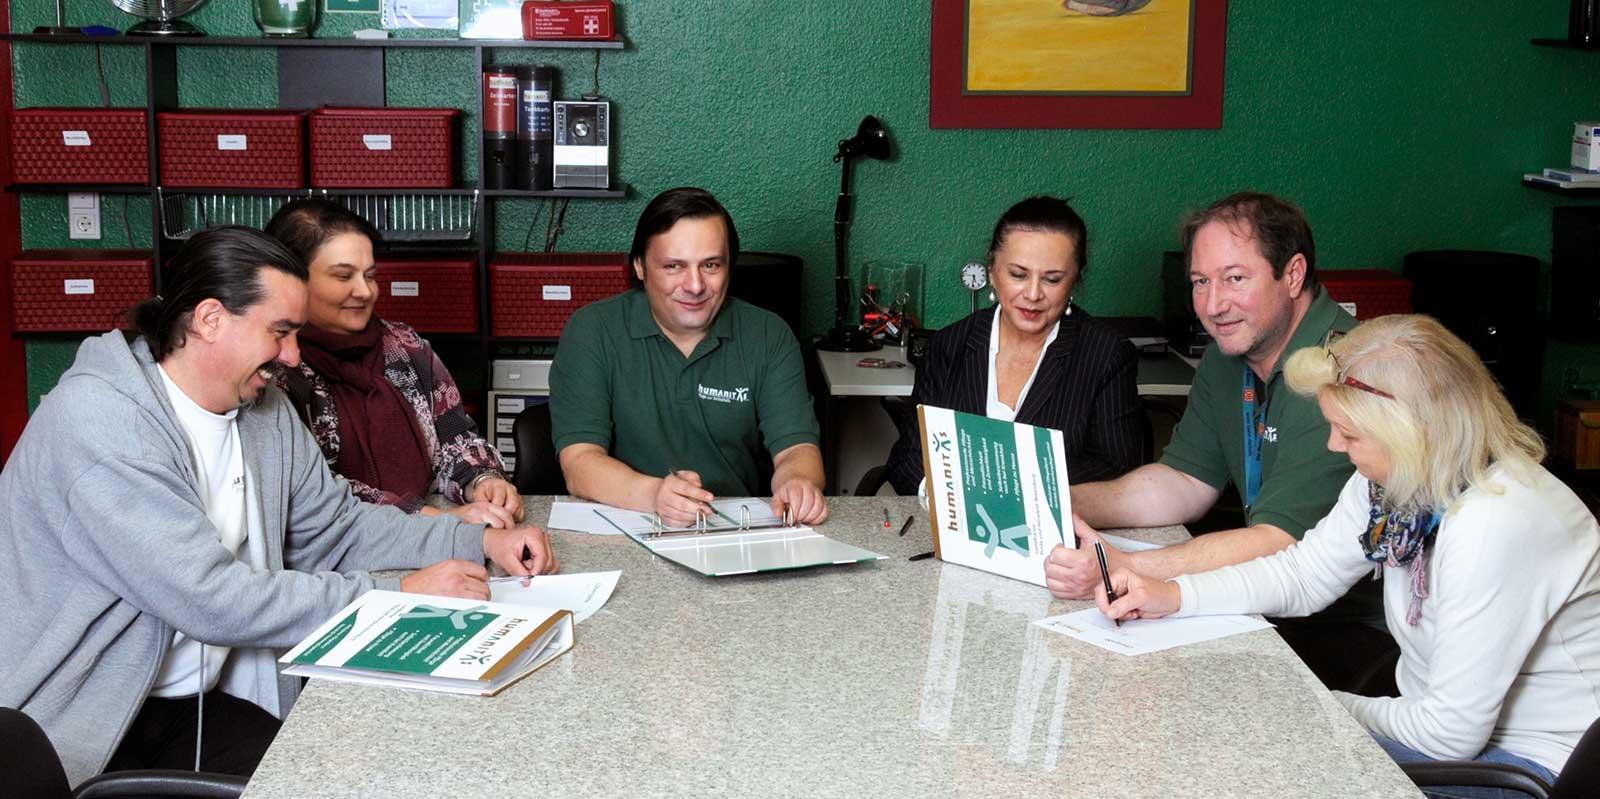 Das Humanitas-Team sitzt bei einer Besprechung gemeinsam zusammen am Tisch